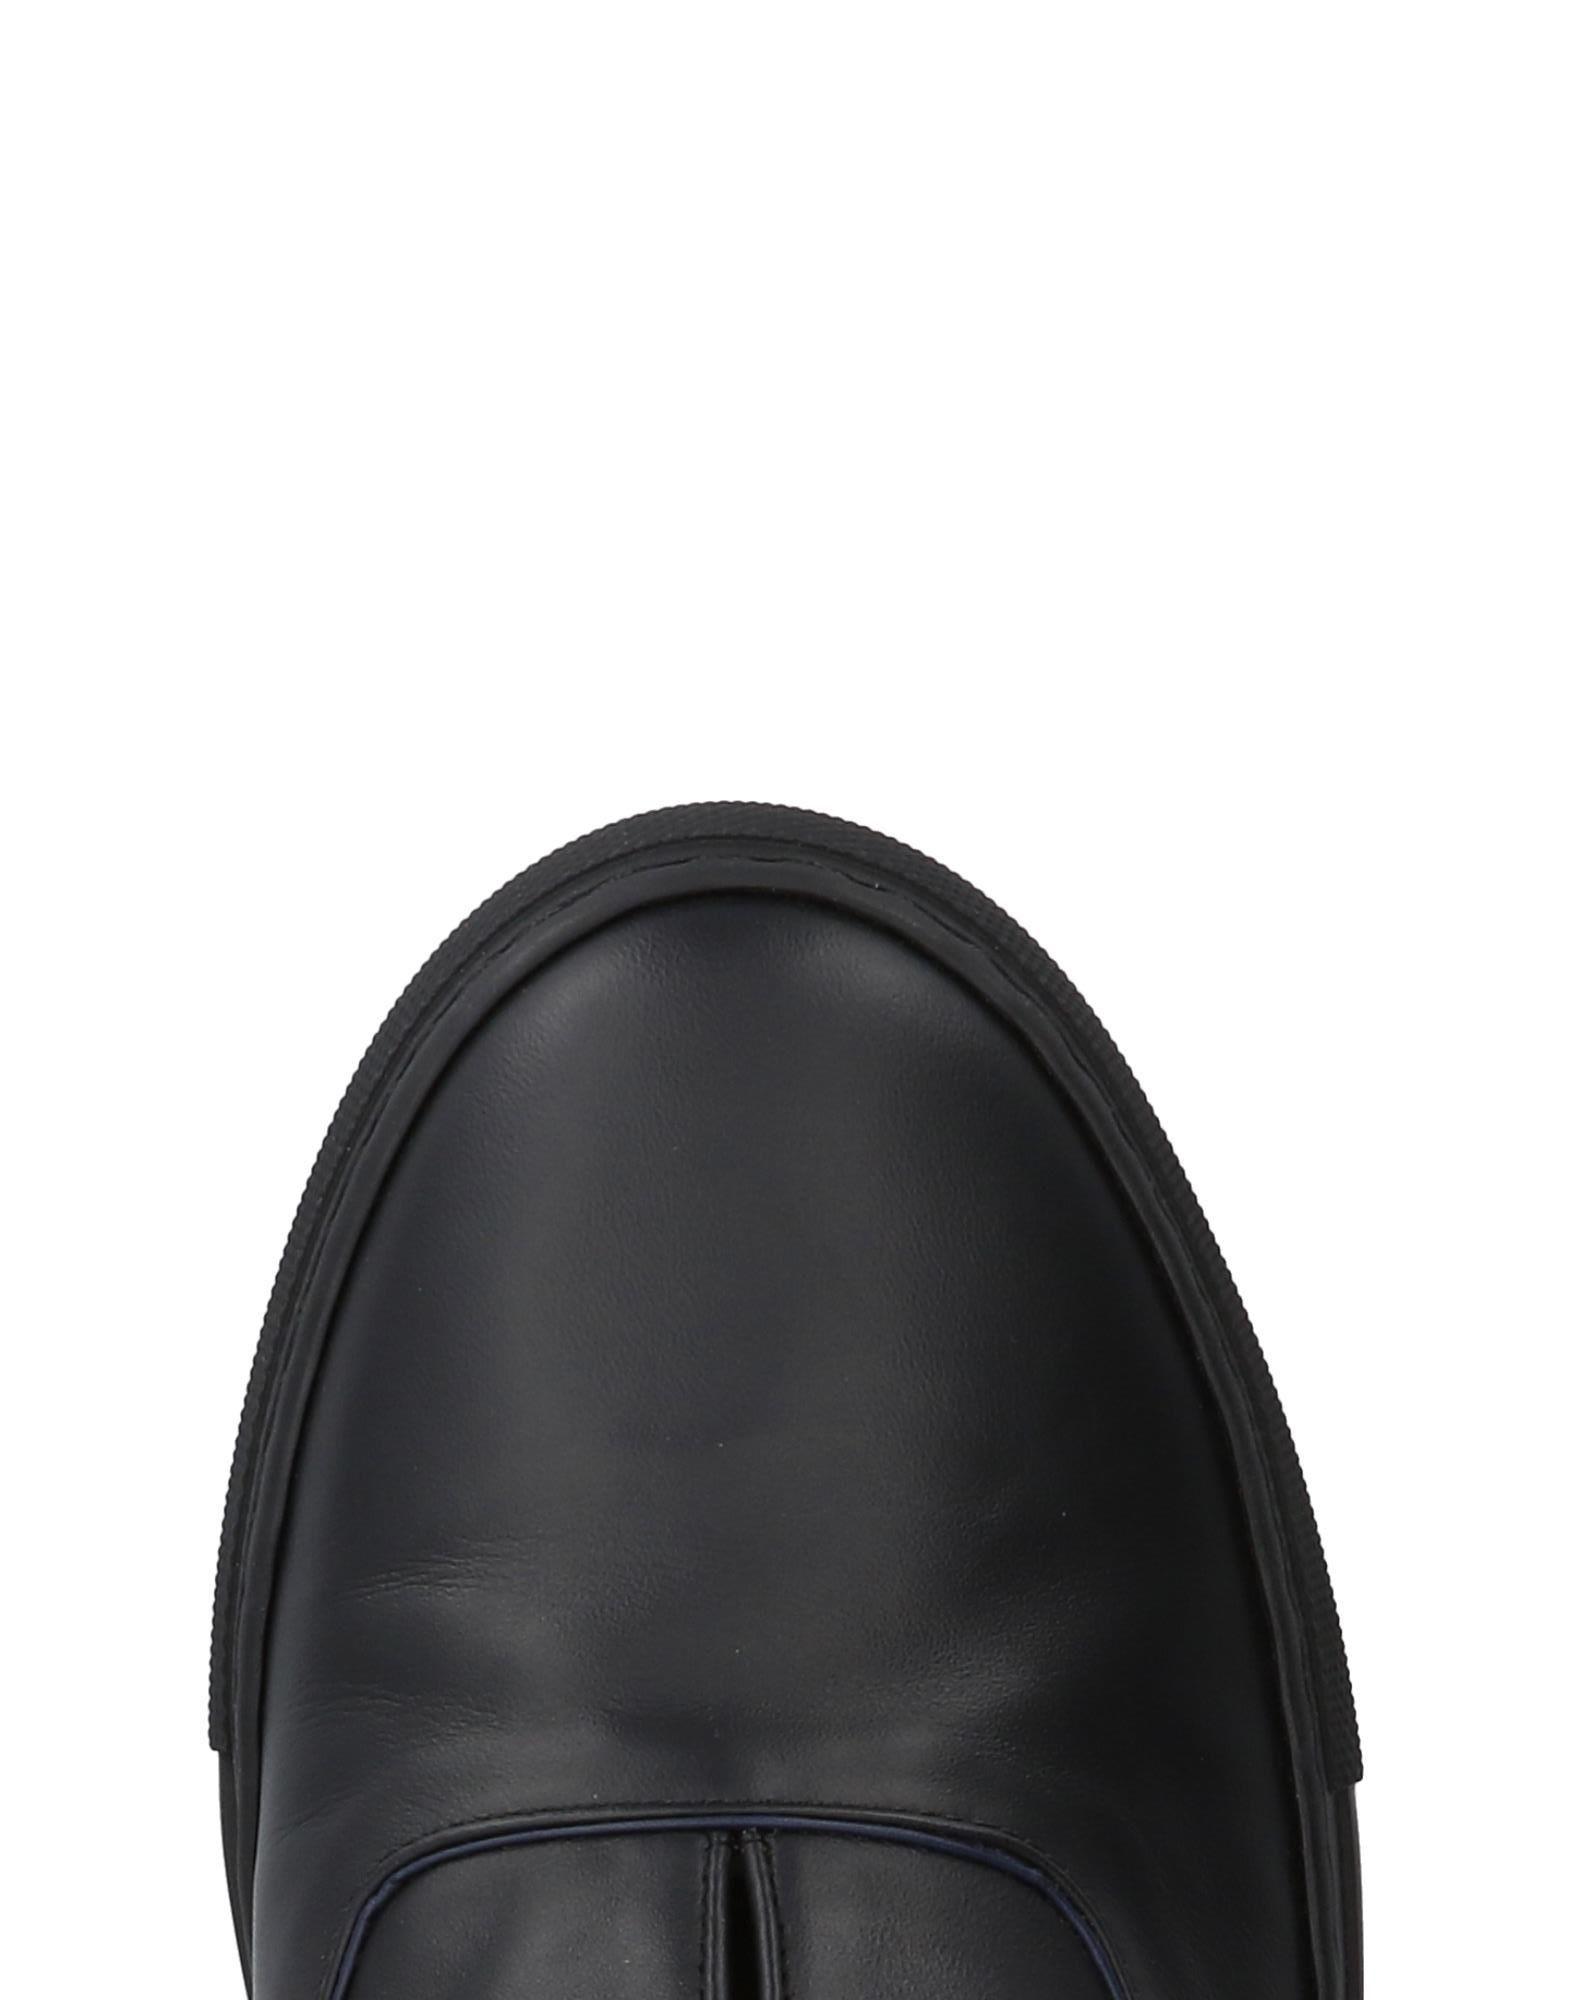 Dibrera By Paolo Zanoli 11445841OE Sneakers Herren  11445841OE Zanoli b8bd08